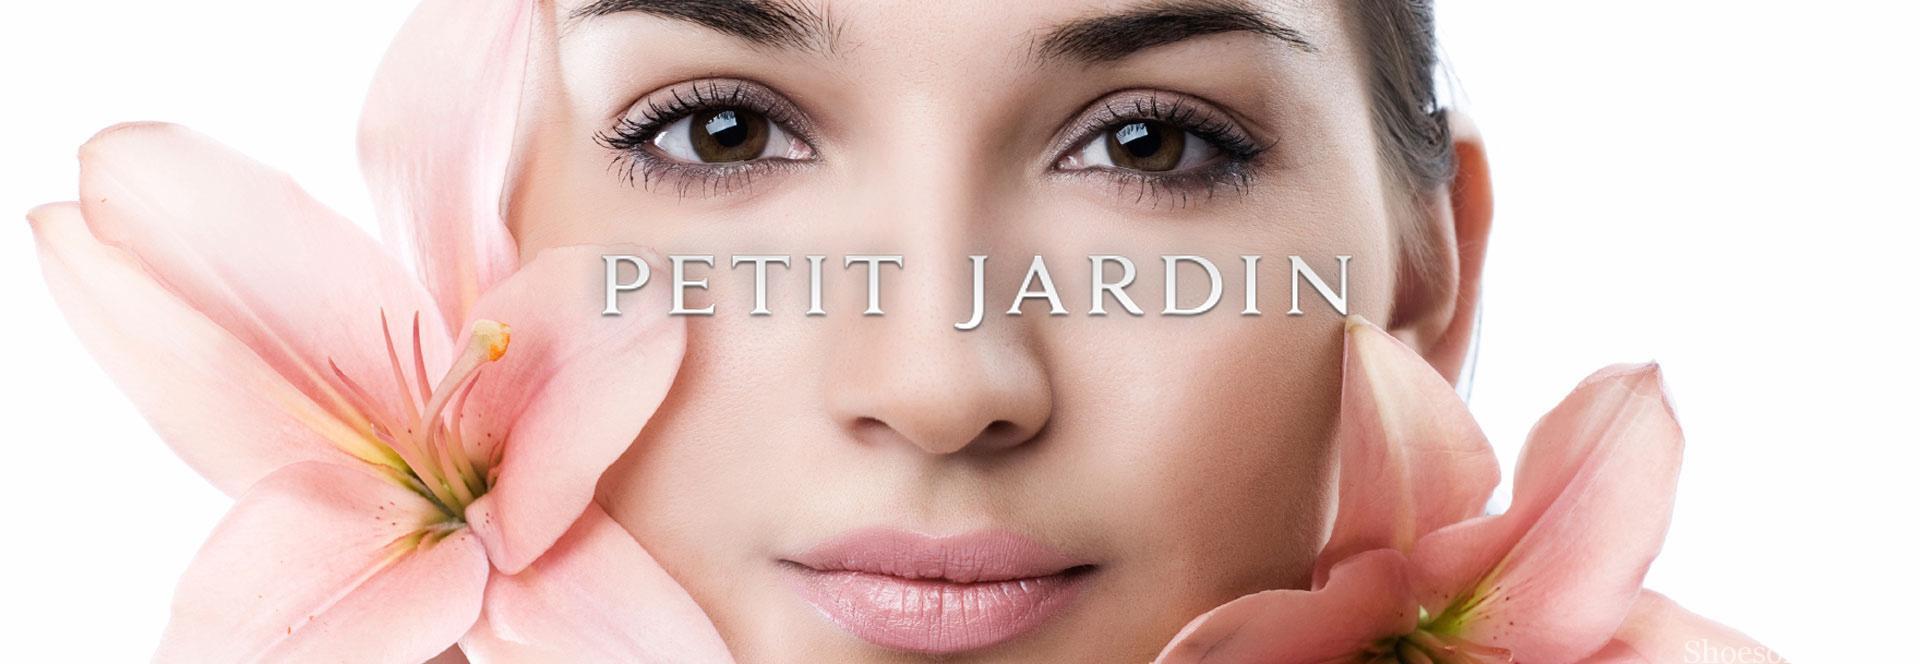 Risplendiamo sotto il sole con Petit Jardin!